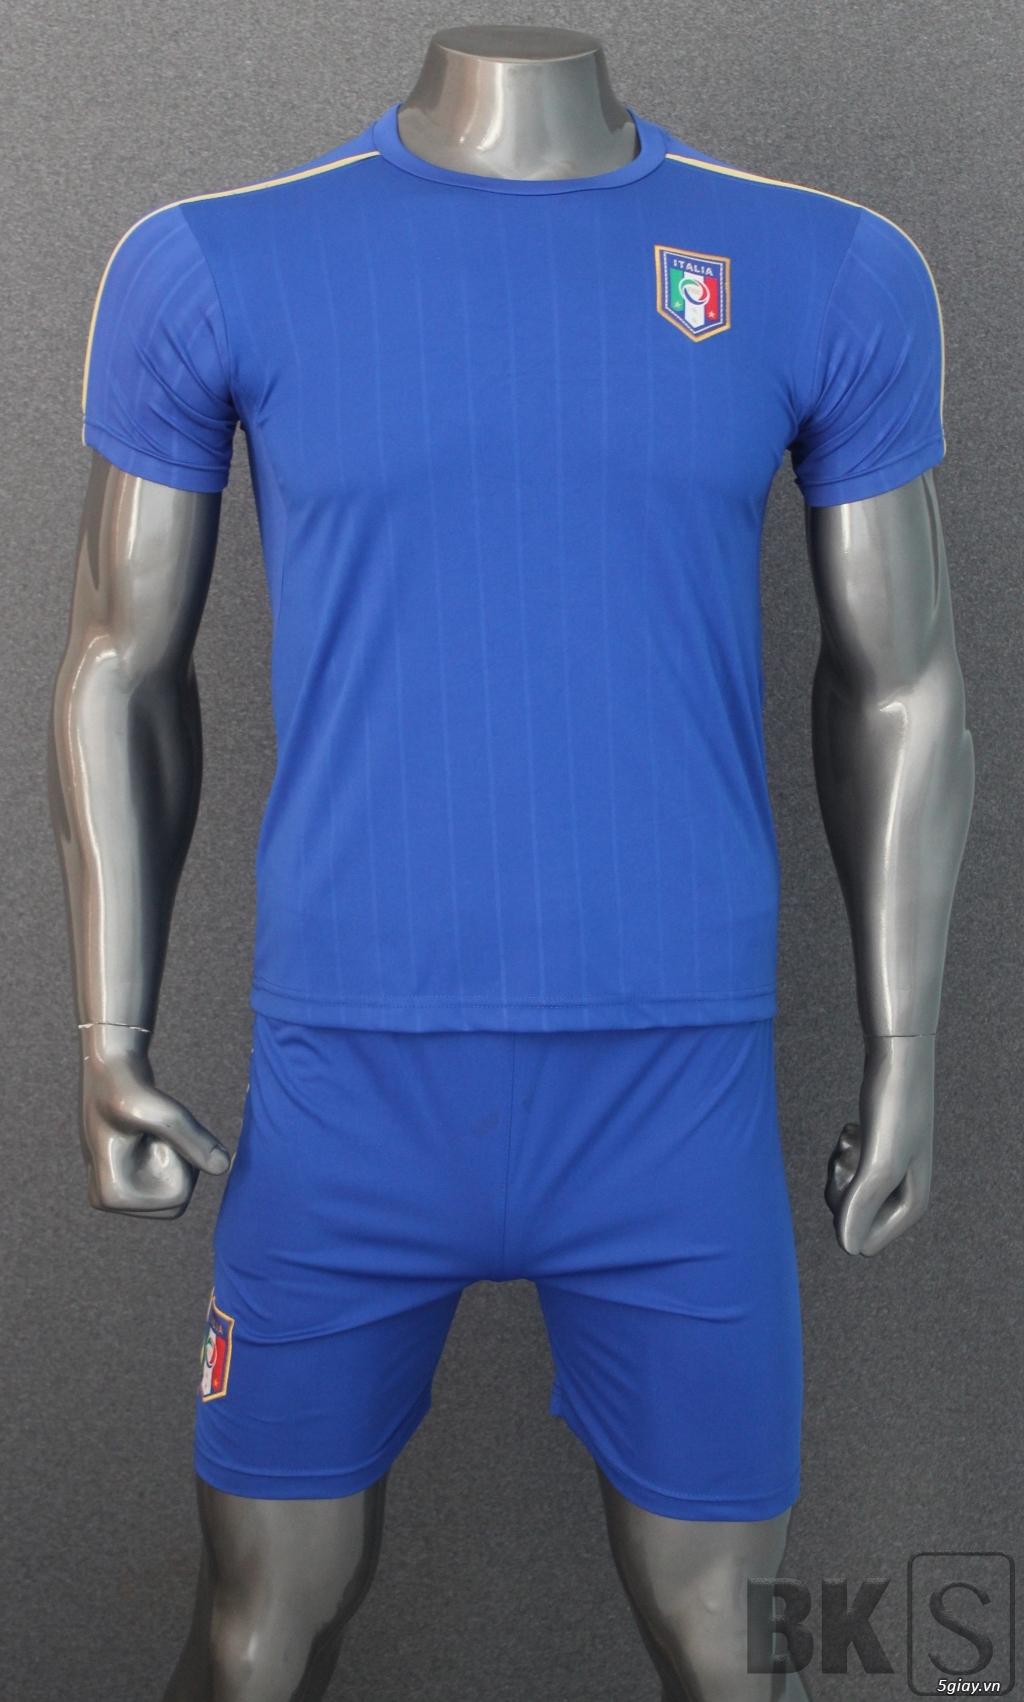 Áo bóng đá HP-địa chỉ gốc sản xuất trang phục thể thao số 1 Việt Nam - 34